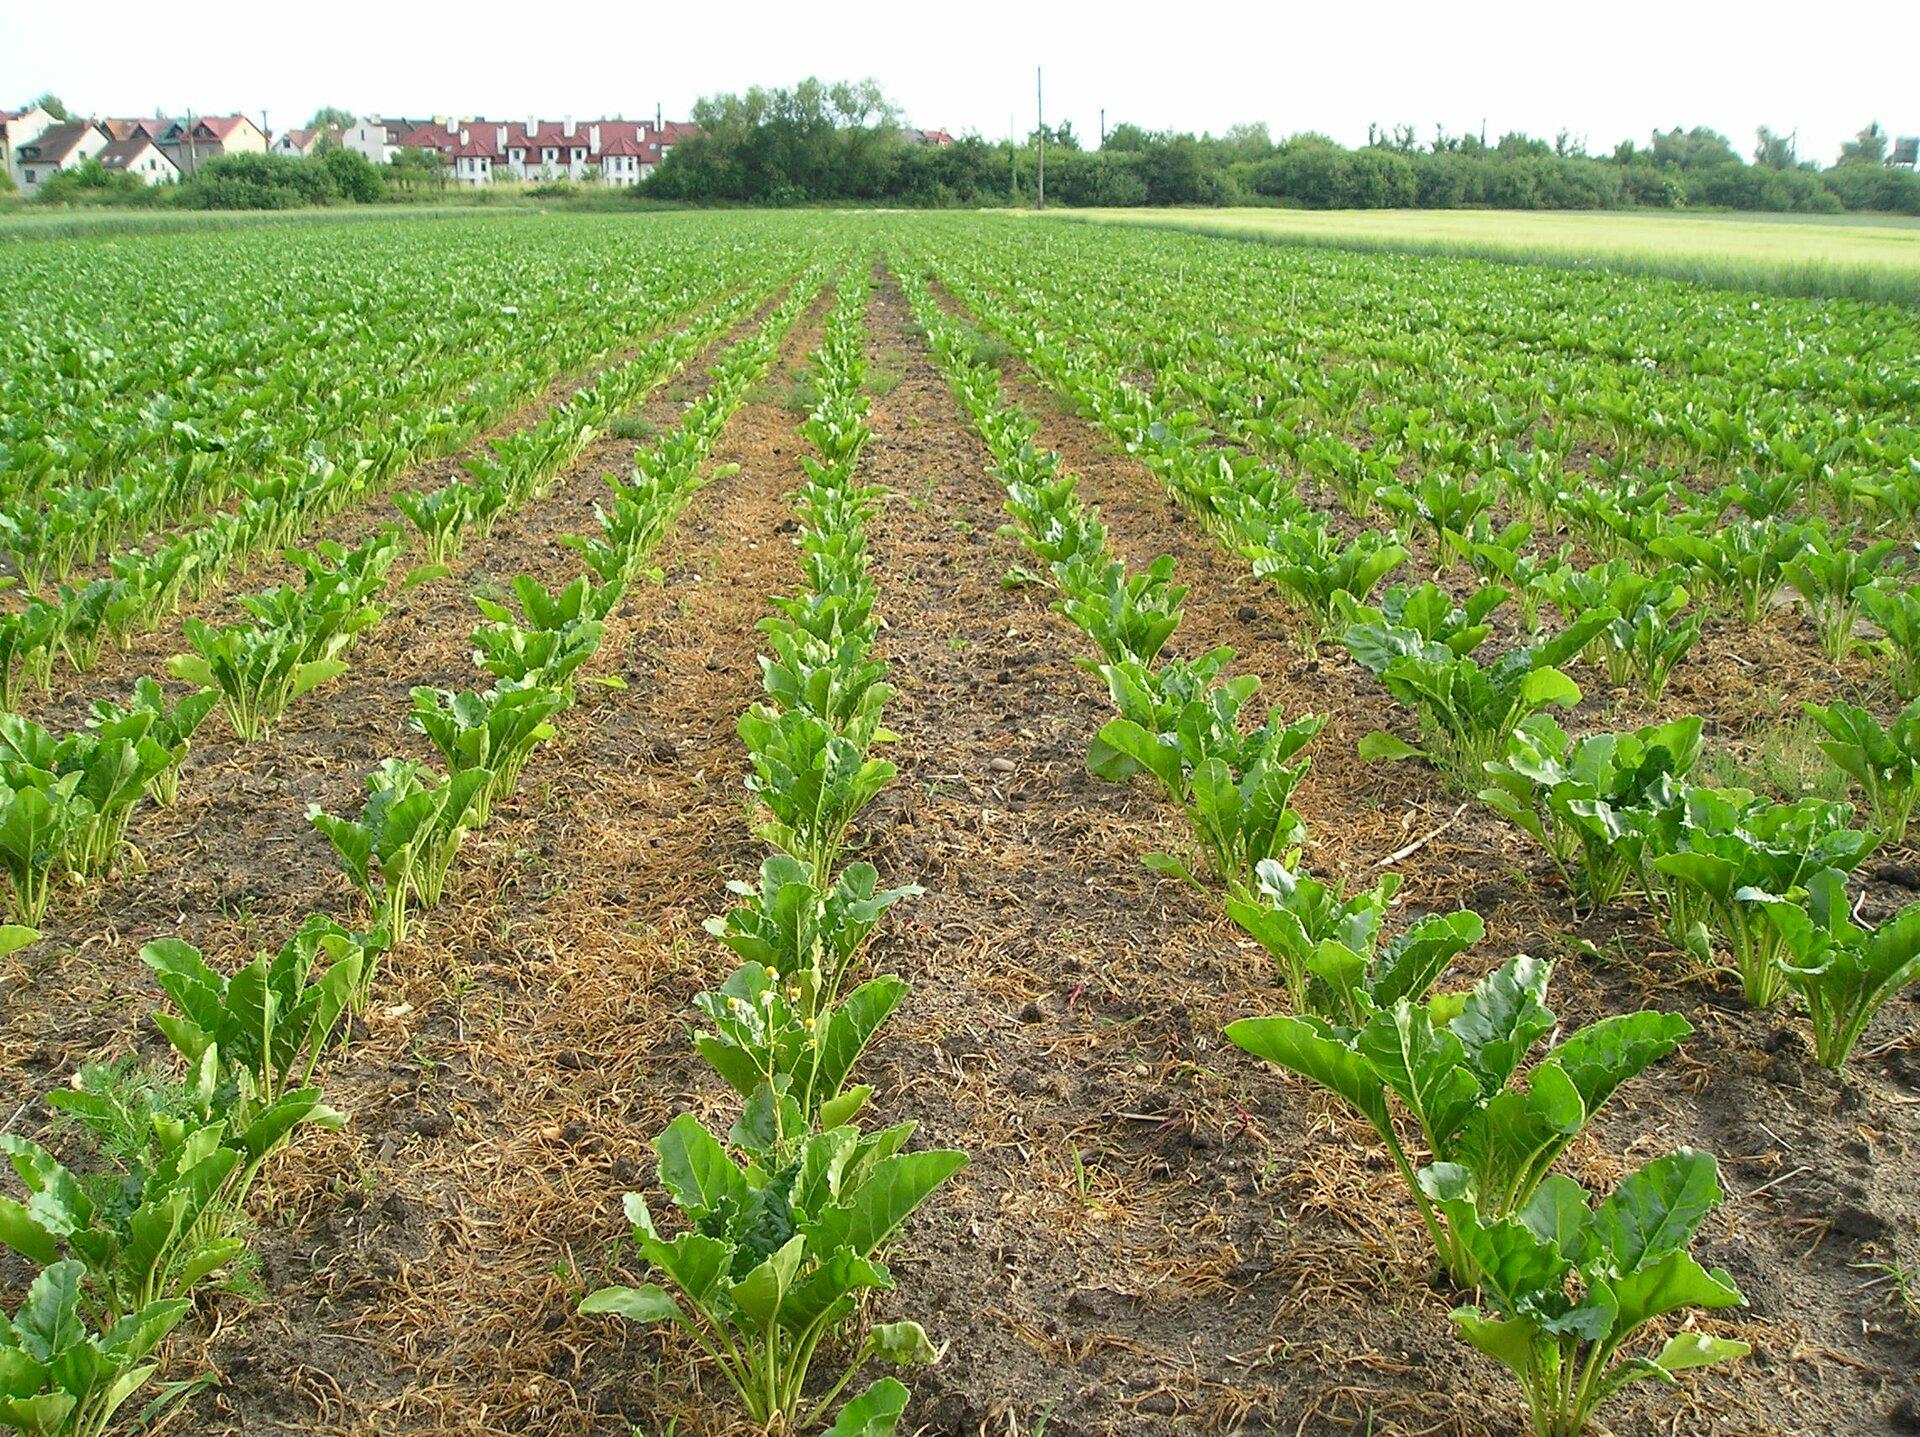 Na zdjęciu pole buraków, równe rzędy młodych roślin.